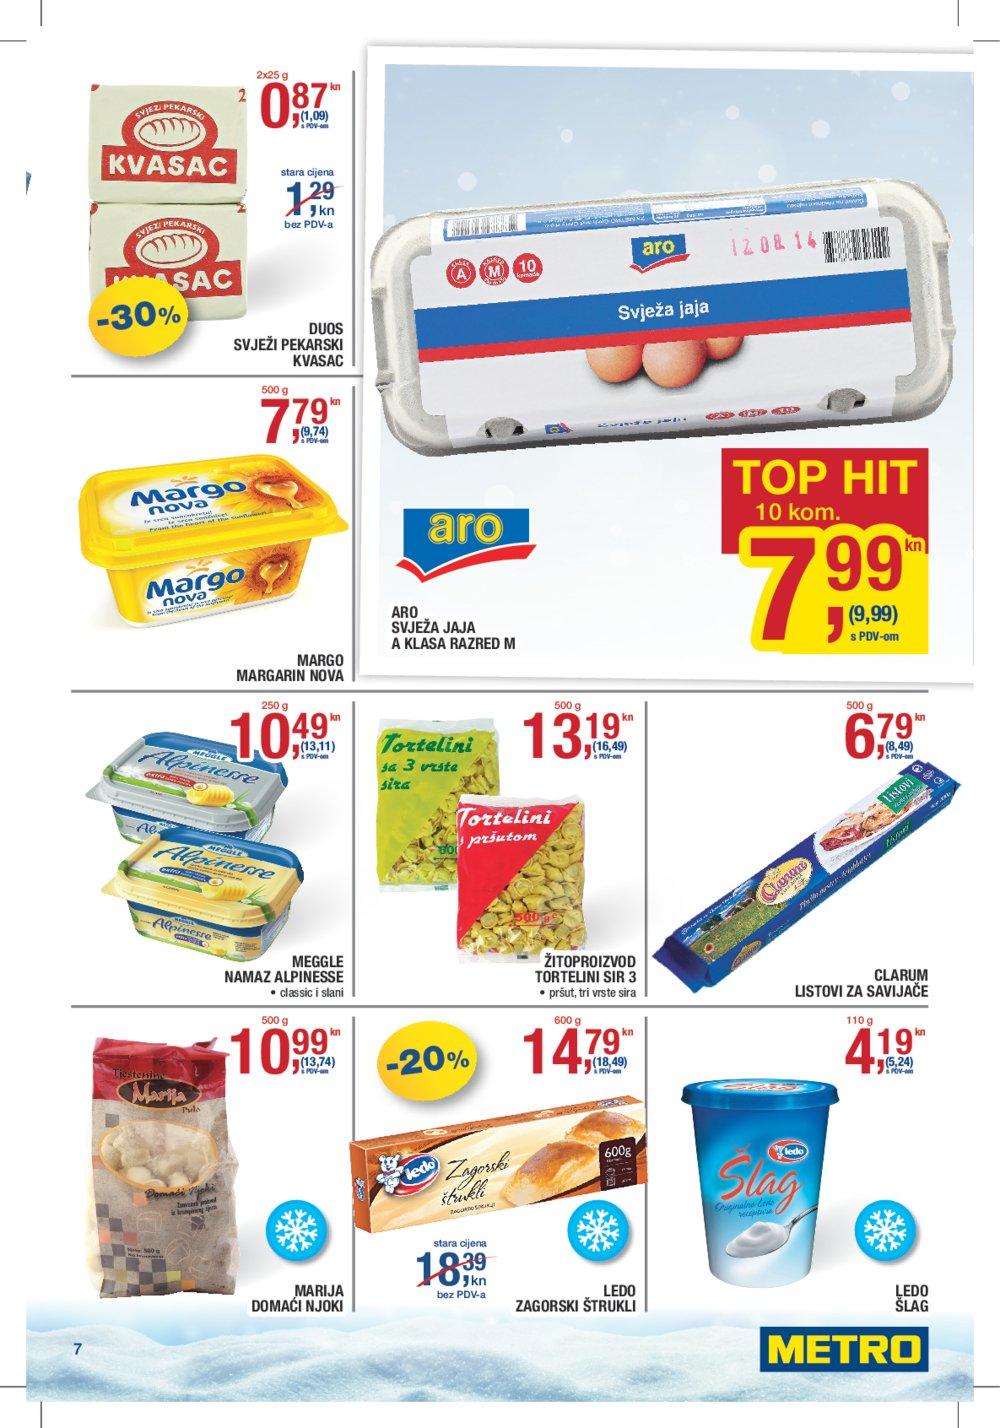 Metro katalog Prehrana do 25.01.2017.